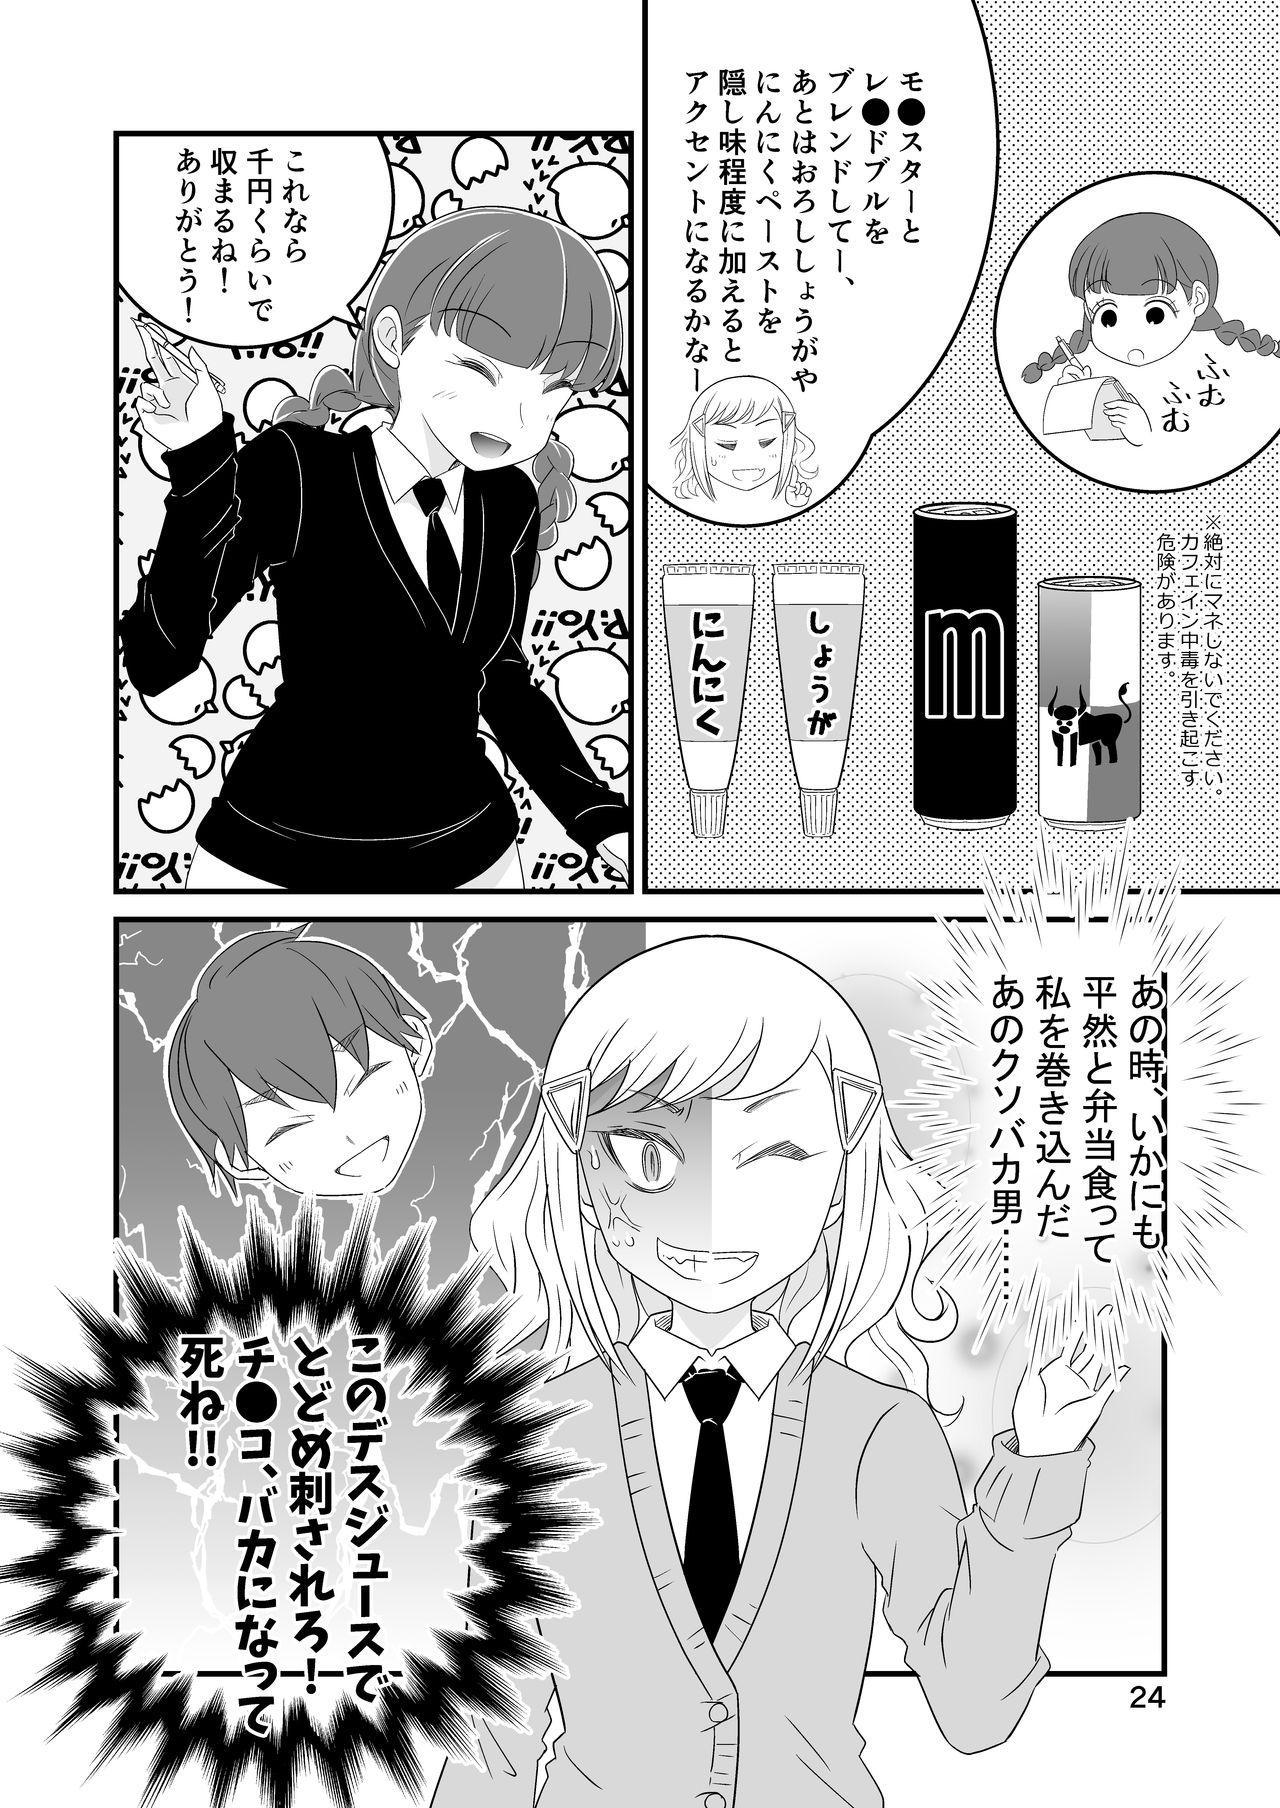 Watamote Seishun Omnibus 23